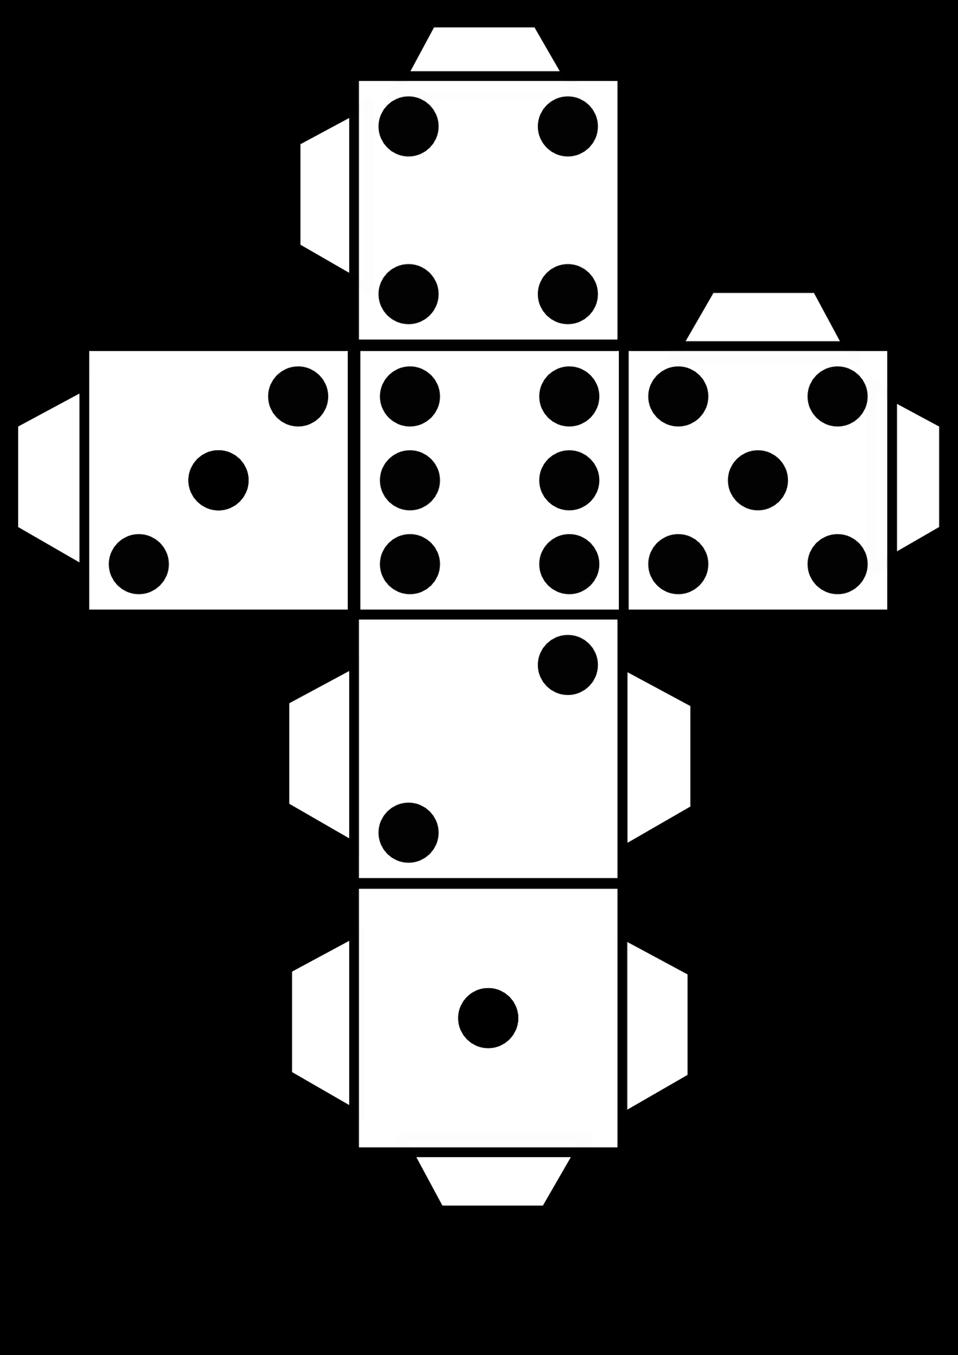 Printable die dice